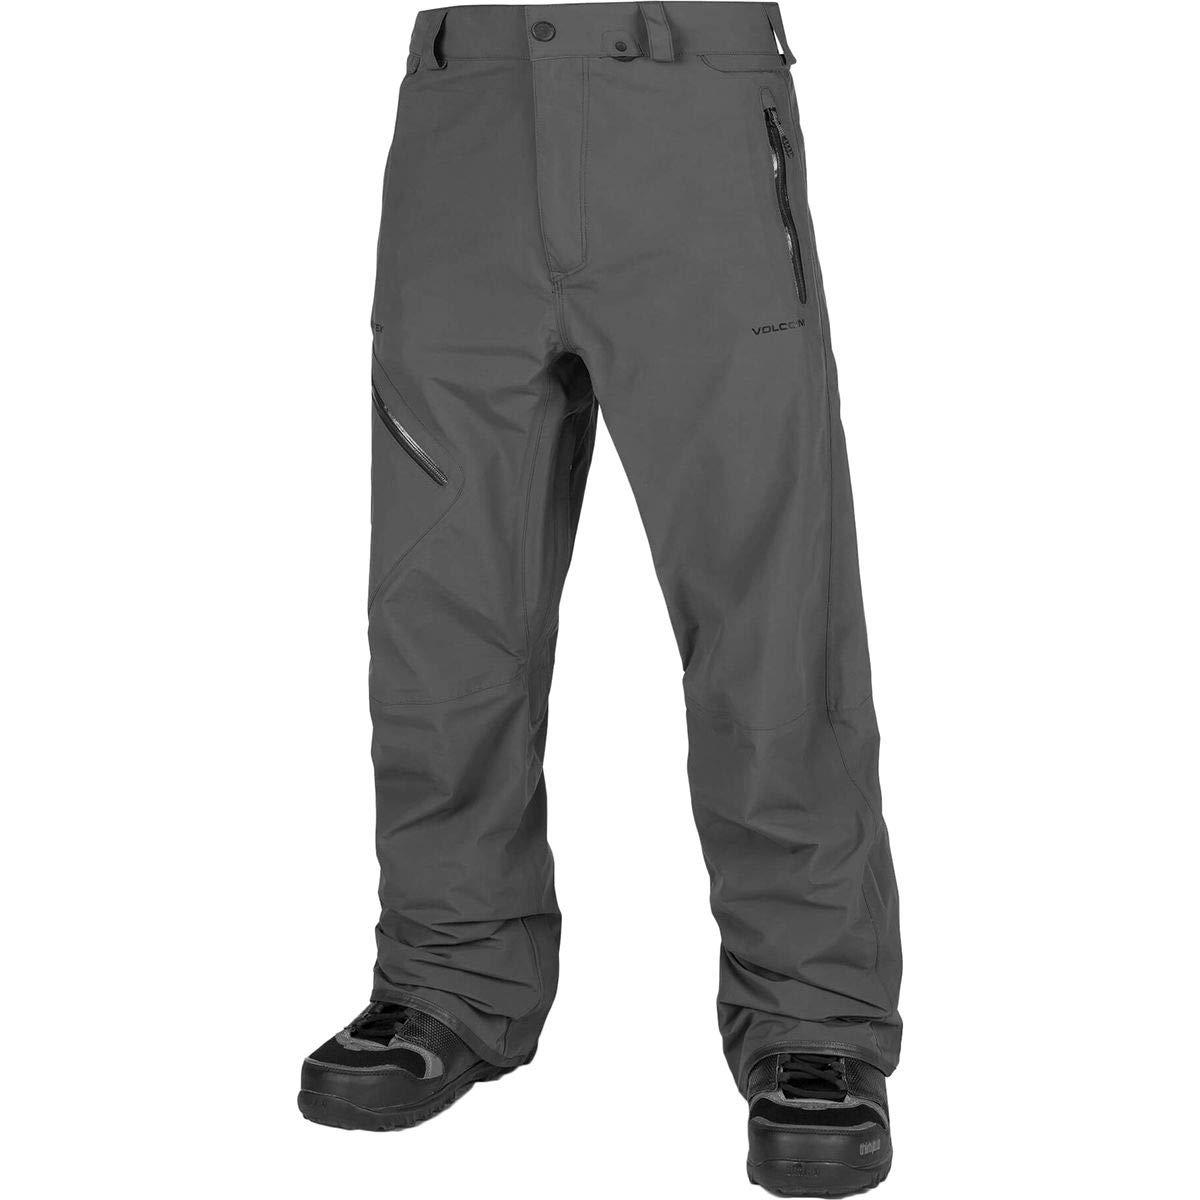 (ボルコム) Volcom L Gore-Tex Pant メンズ スノーボード ウェア ビブ パンツVintage 黒 [並行輸入品] Vintage 黒 日本サイズ XXL相当 (US XXL)